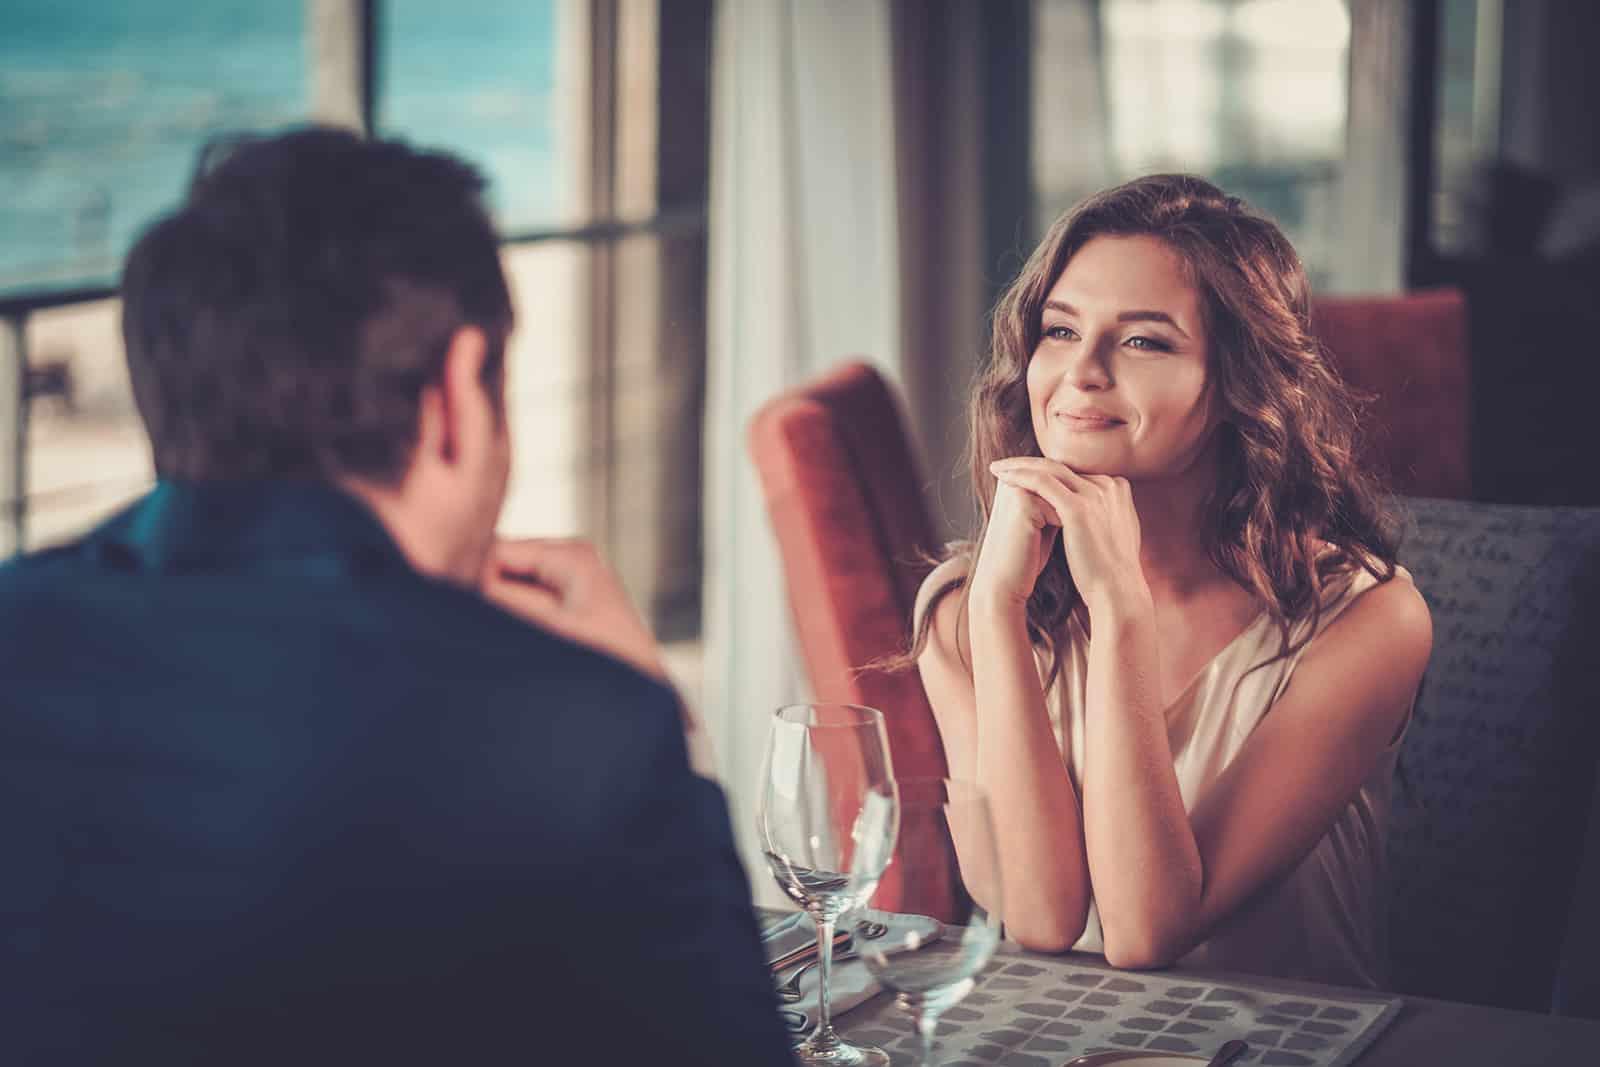 eine lächelnde Frau, die einem Mann zuhört, der bei einem Date in einem Restaurant mit ihr spricht